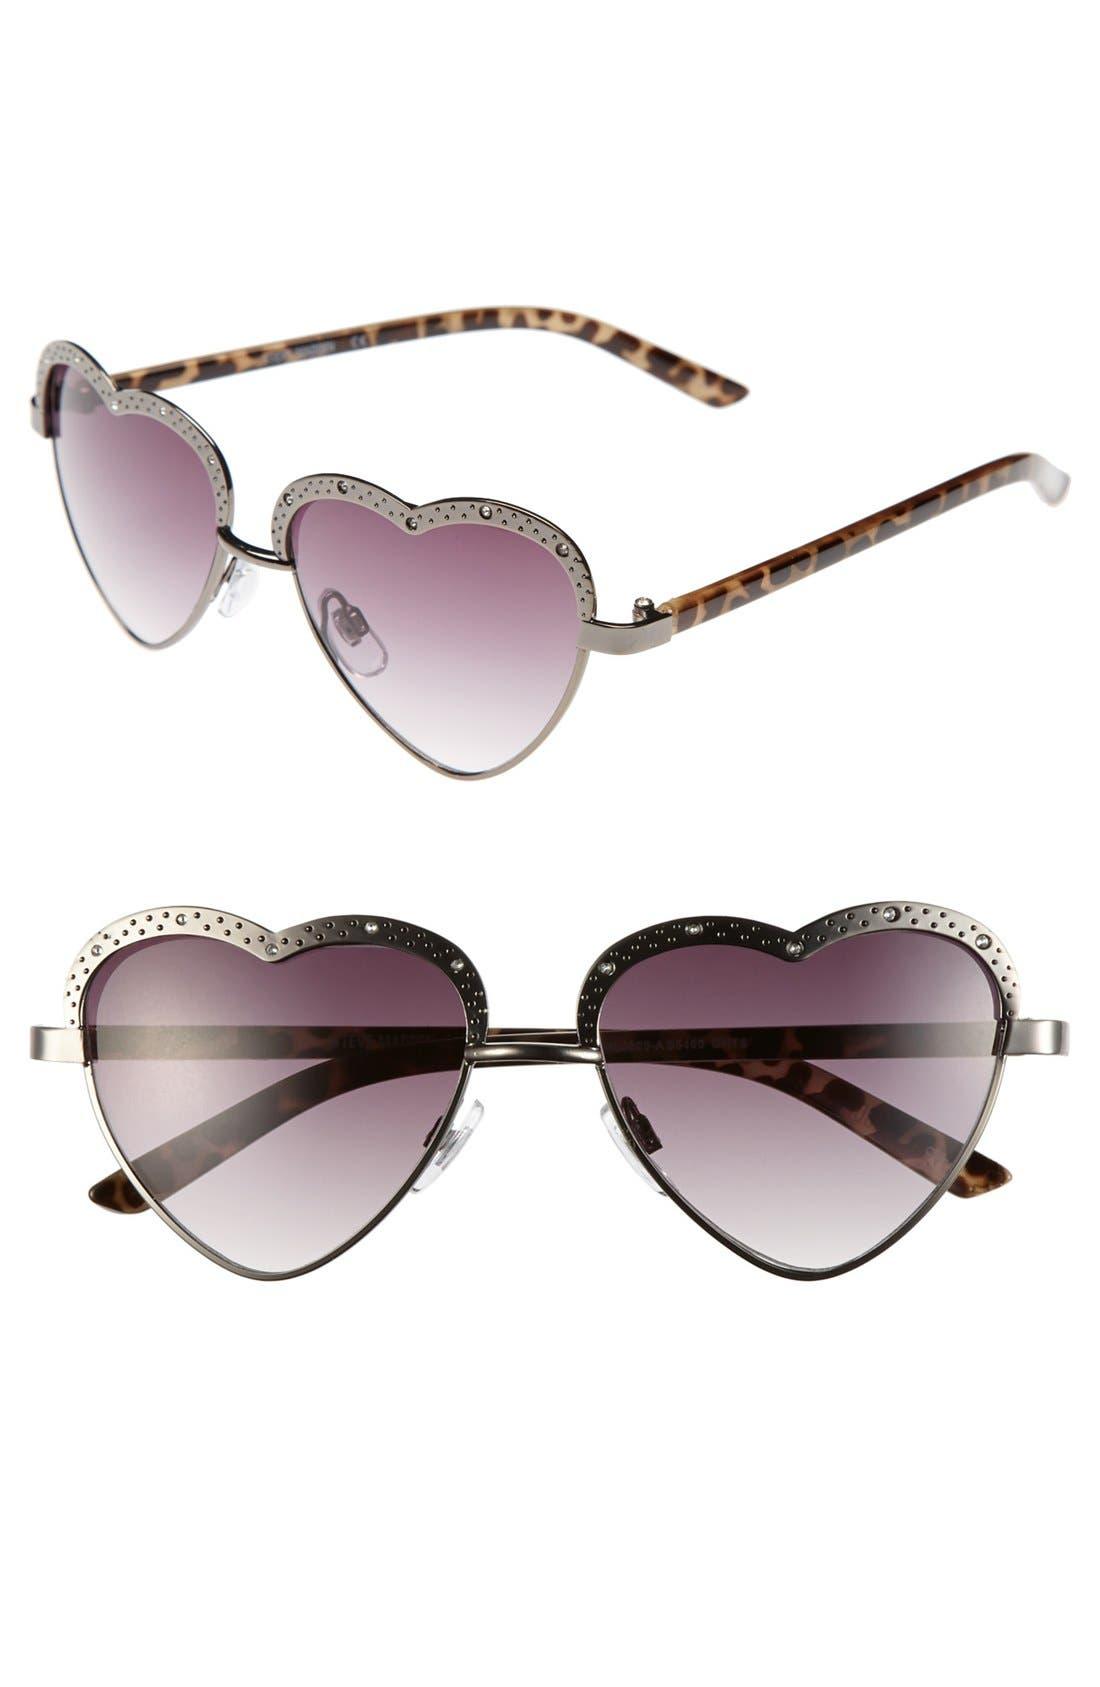 Alternate Image 1 Selected - Steve Madden 'Heart' 53mm Sunglasses